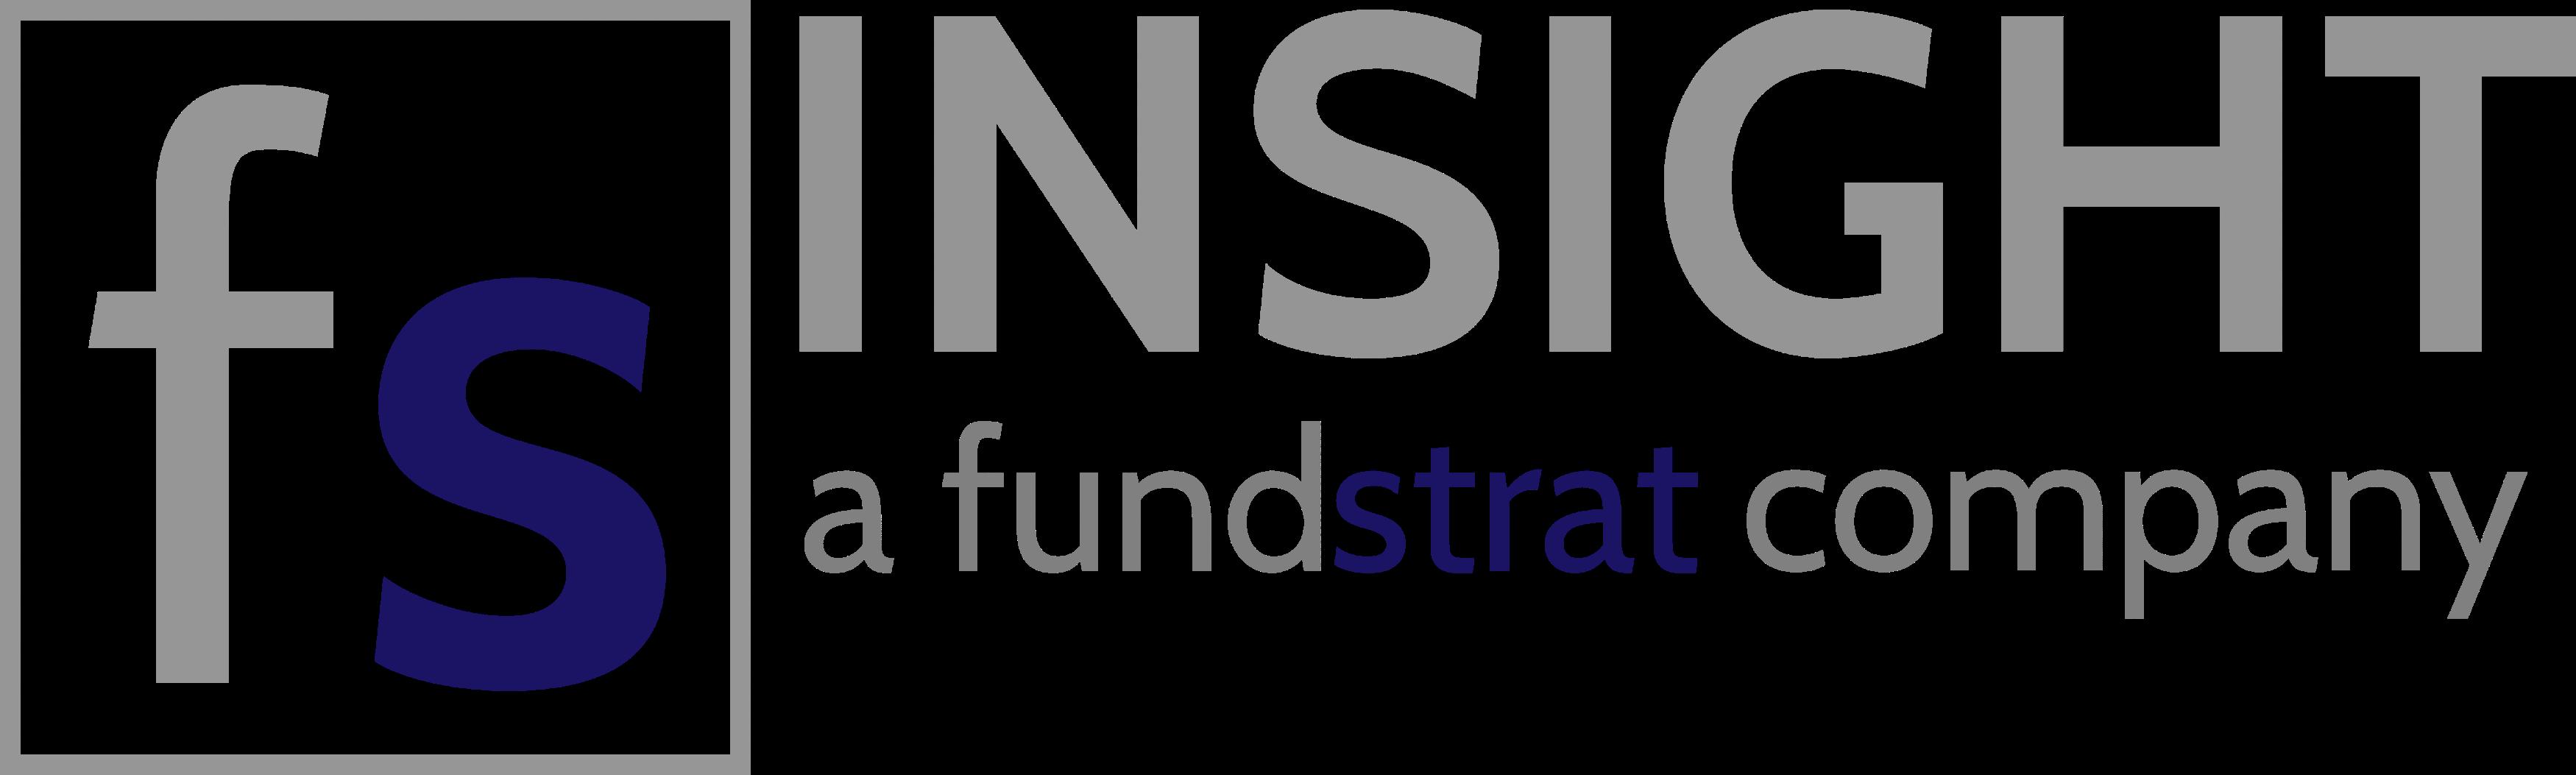 FSInsight logo